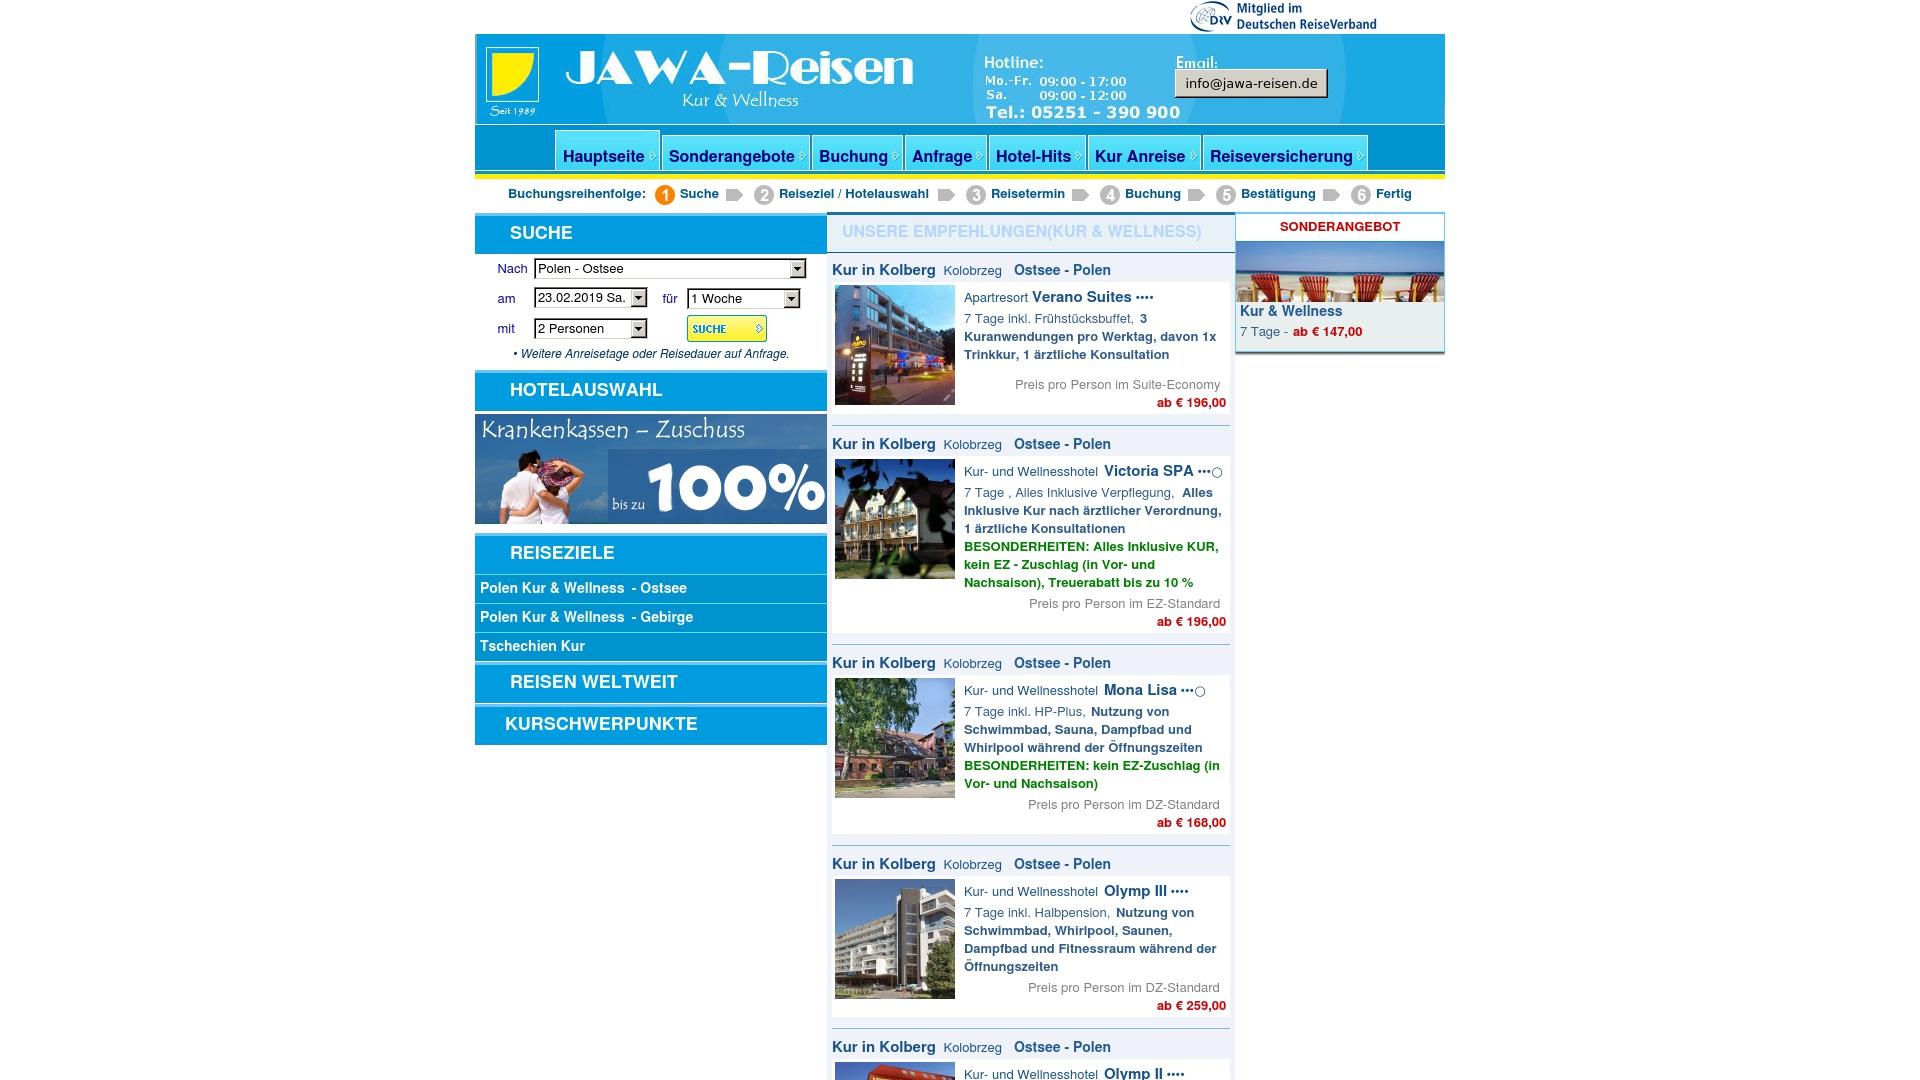 Gutschein für Jawa-reisen: Rabatte für  Jawa-reisen sichern